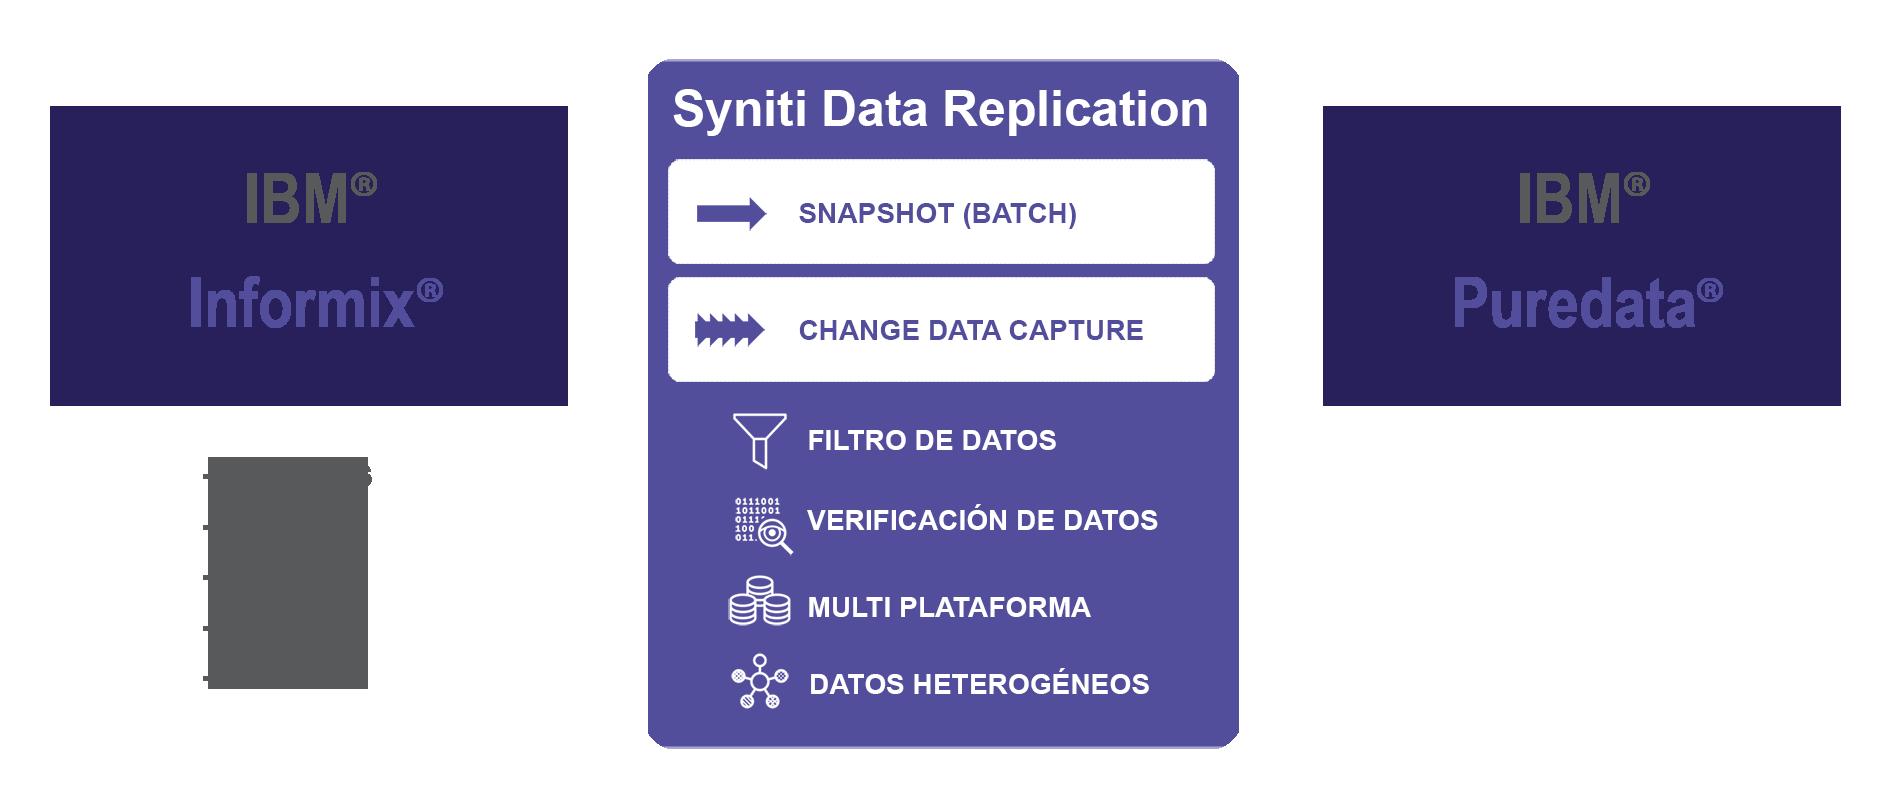 Replicación de datos Informix a Puredata Netezza en tiempo real